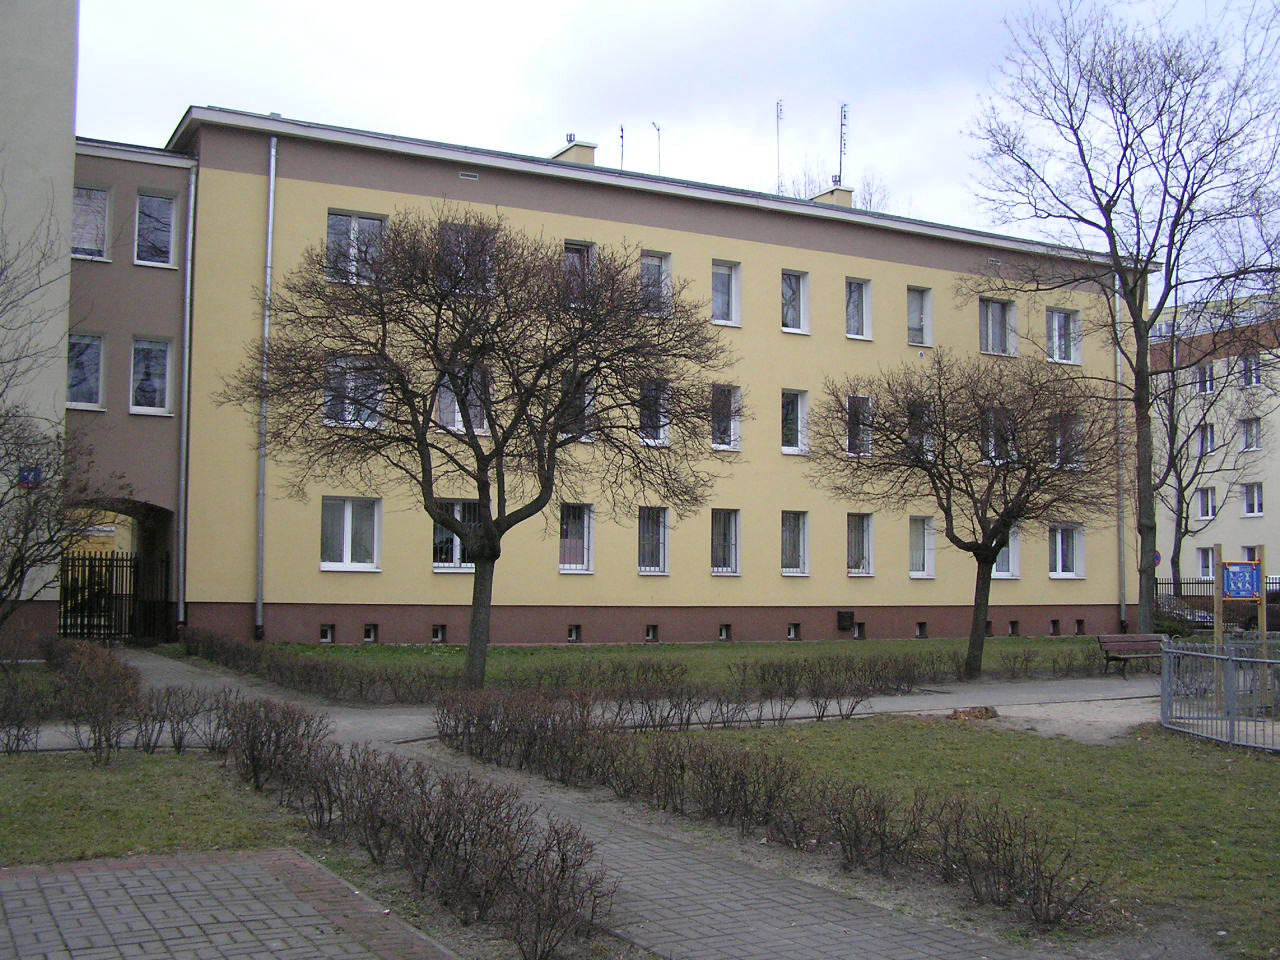 Budynek przy ulicy Rozłuckiej 12 na Grochowie